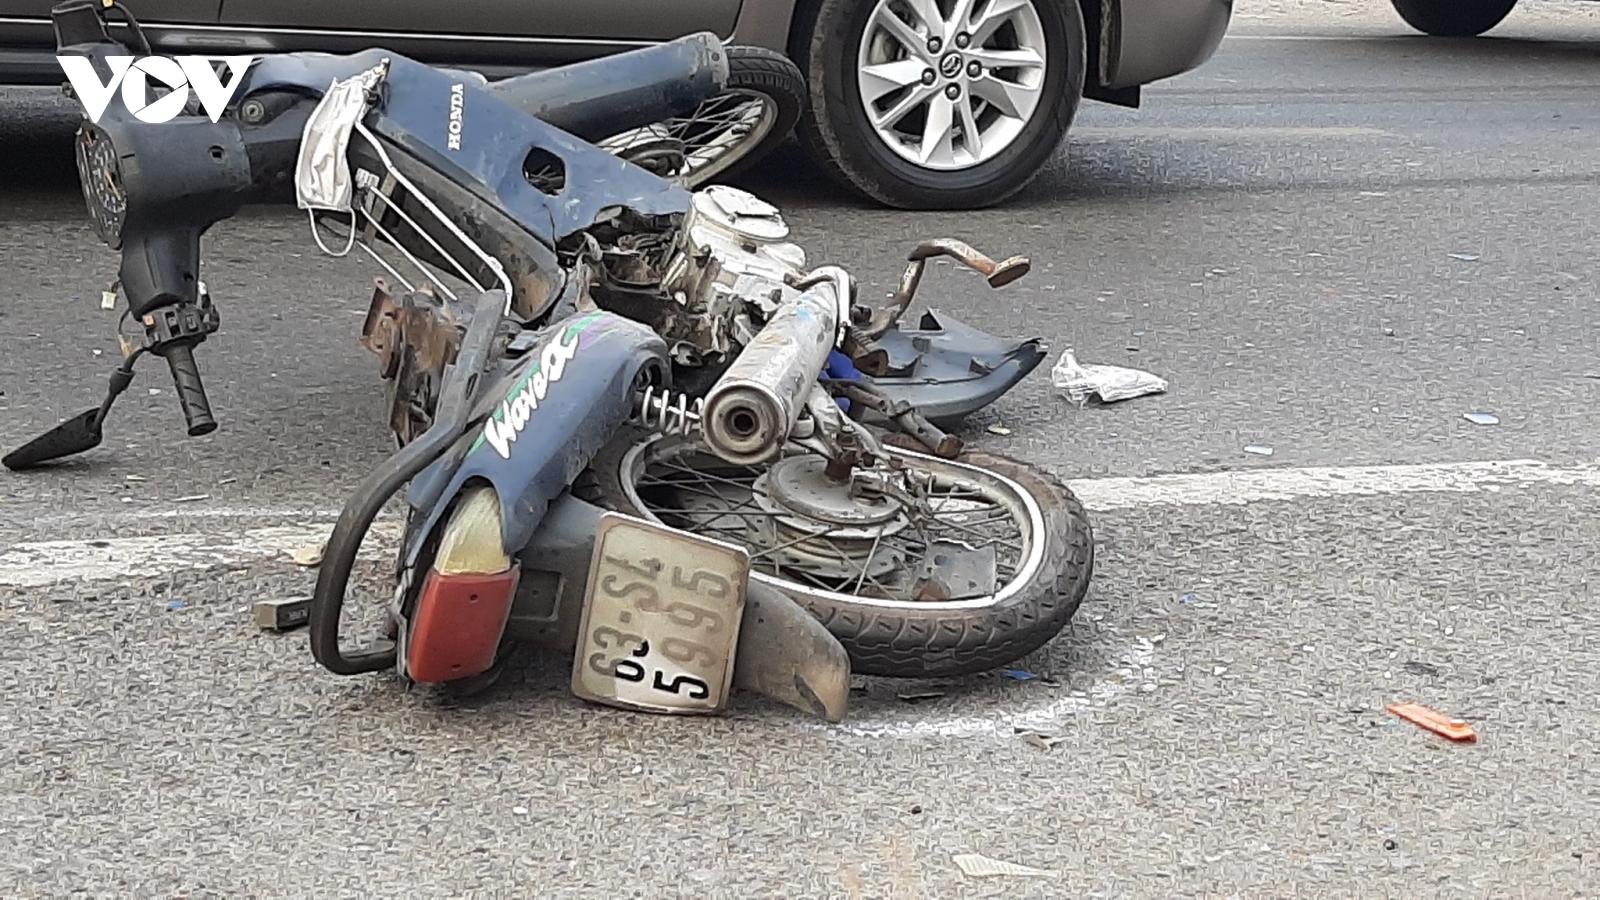 Ô tô chở công nhân và xe máy va chạm tại Tiền Giang, 1 người nguy kịch